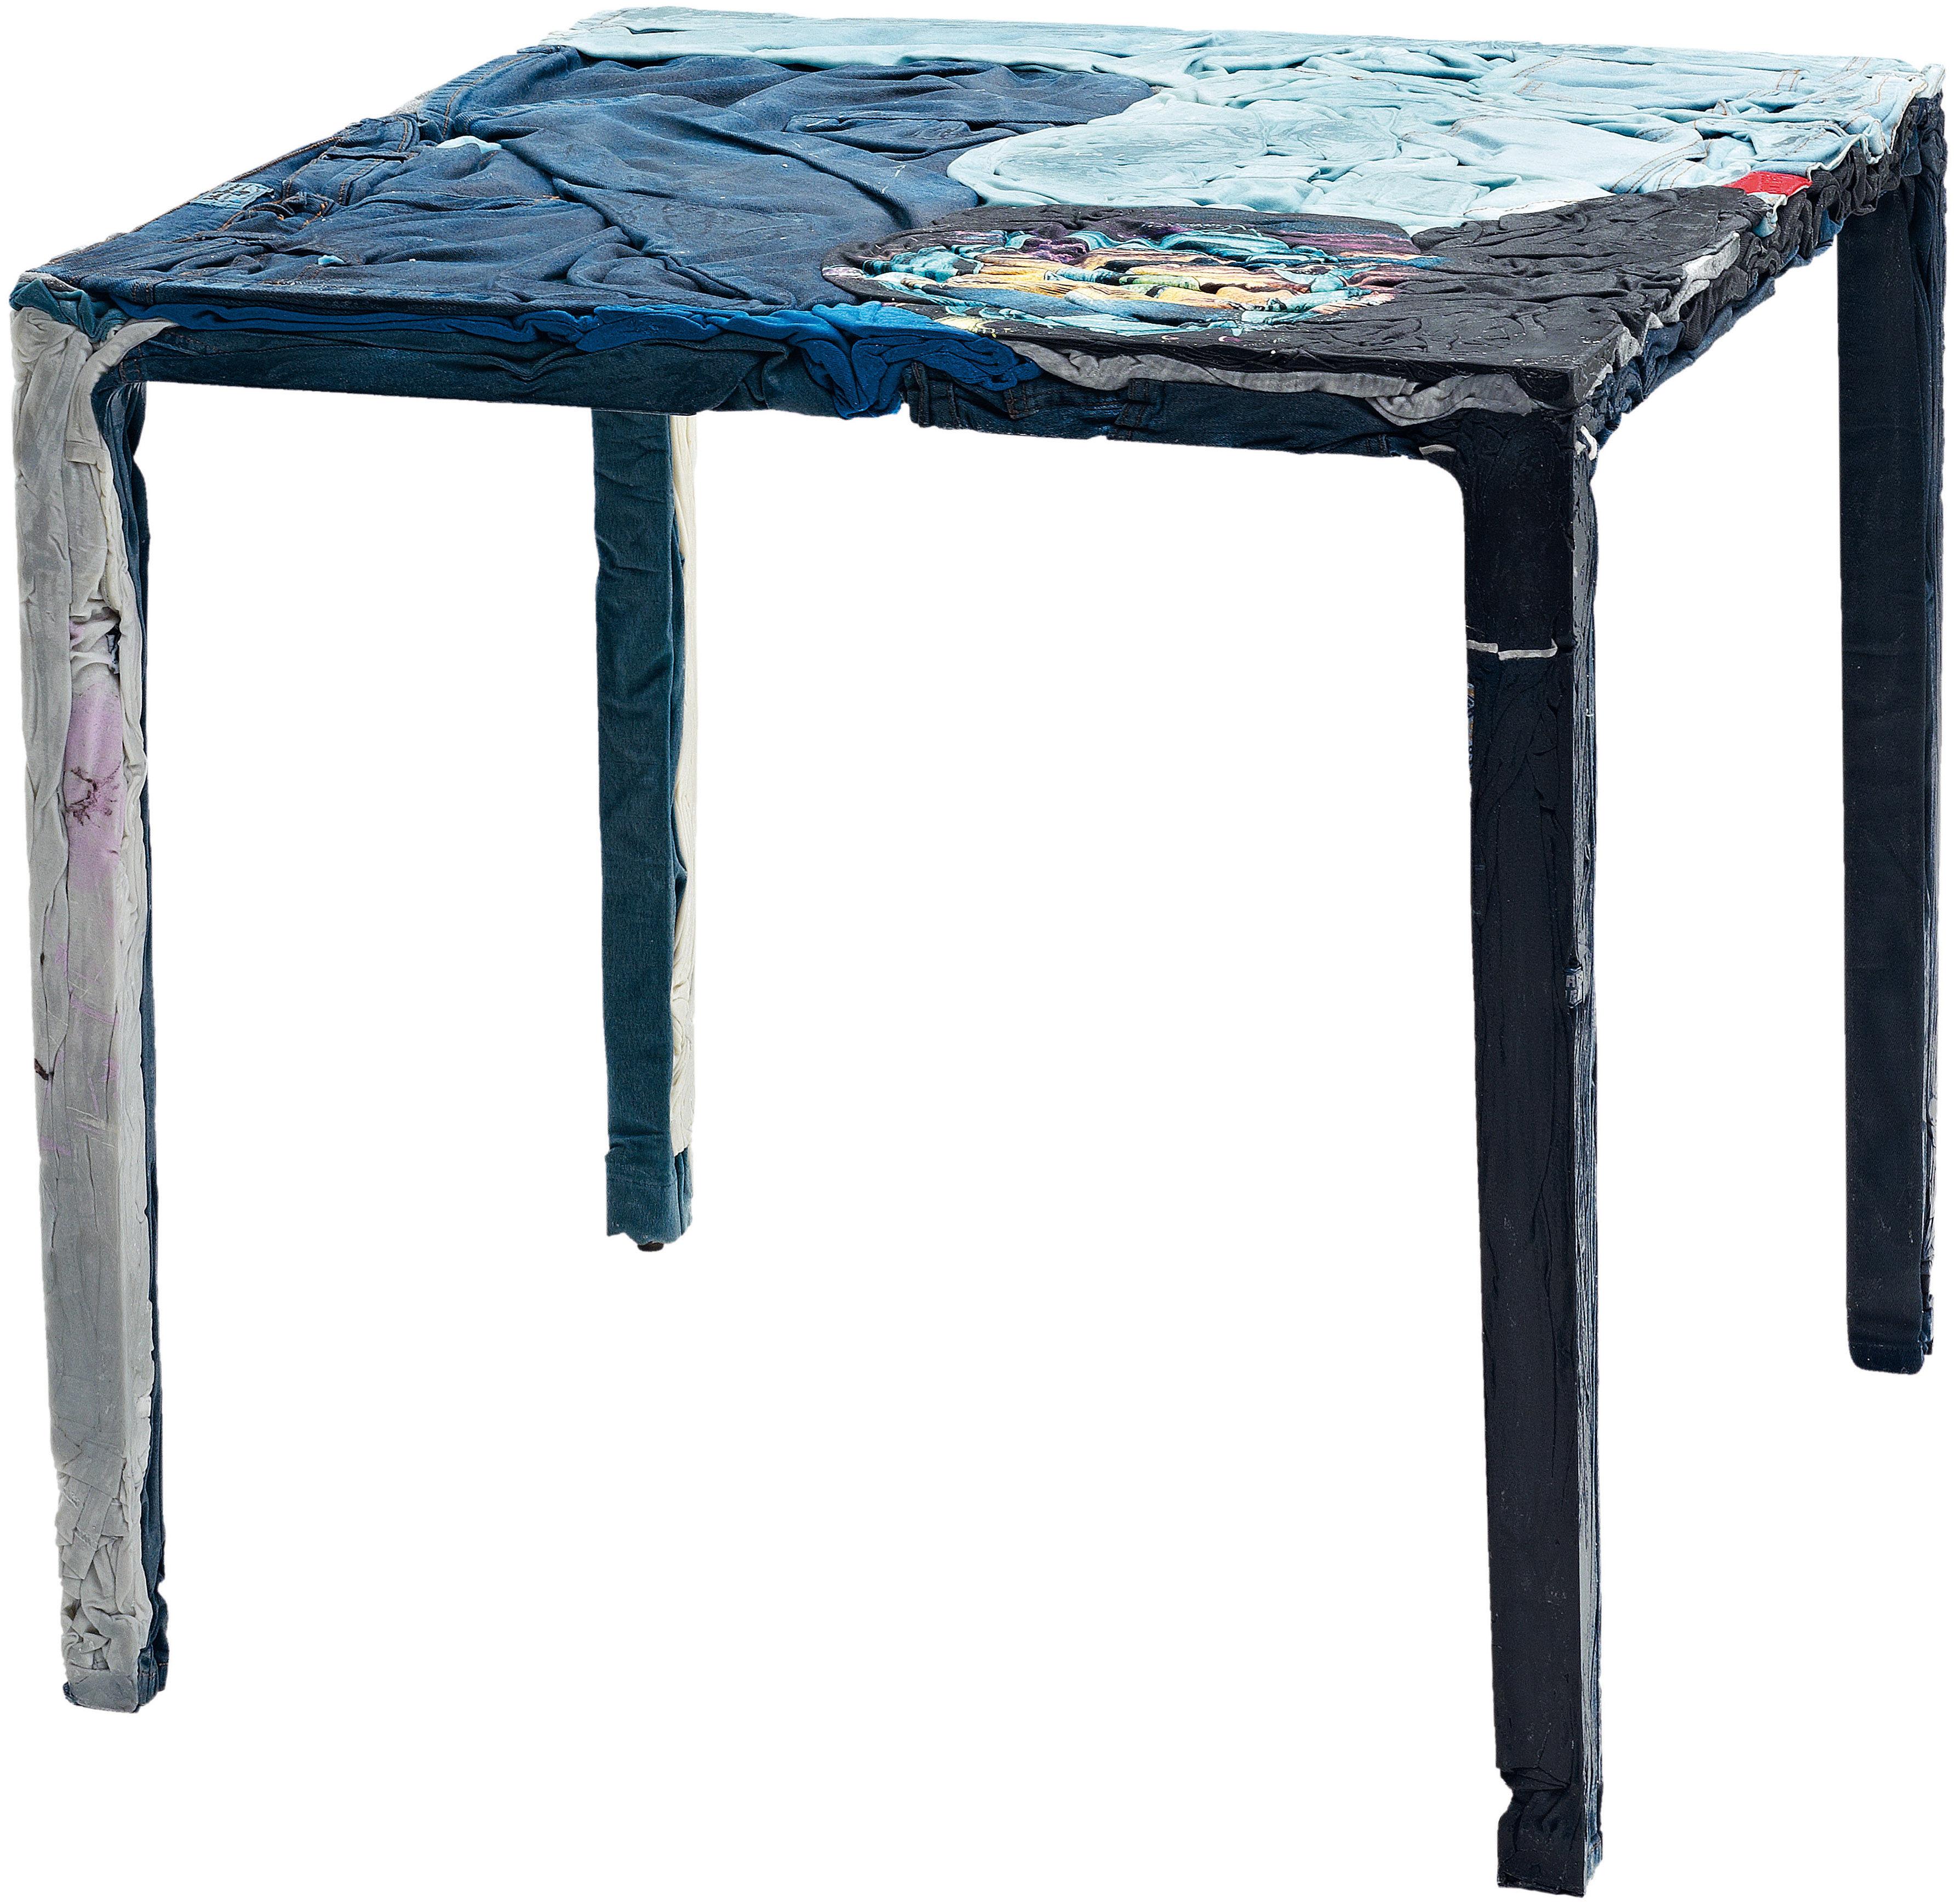 Arredamento - Tavoli - Tavolo quadrato Rememberme - / in Jeans riciclati di Casamania - Tono dominante: blu - Jeans recyclés